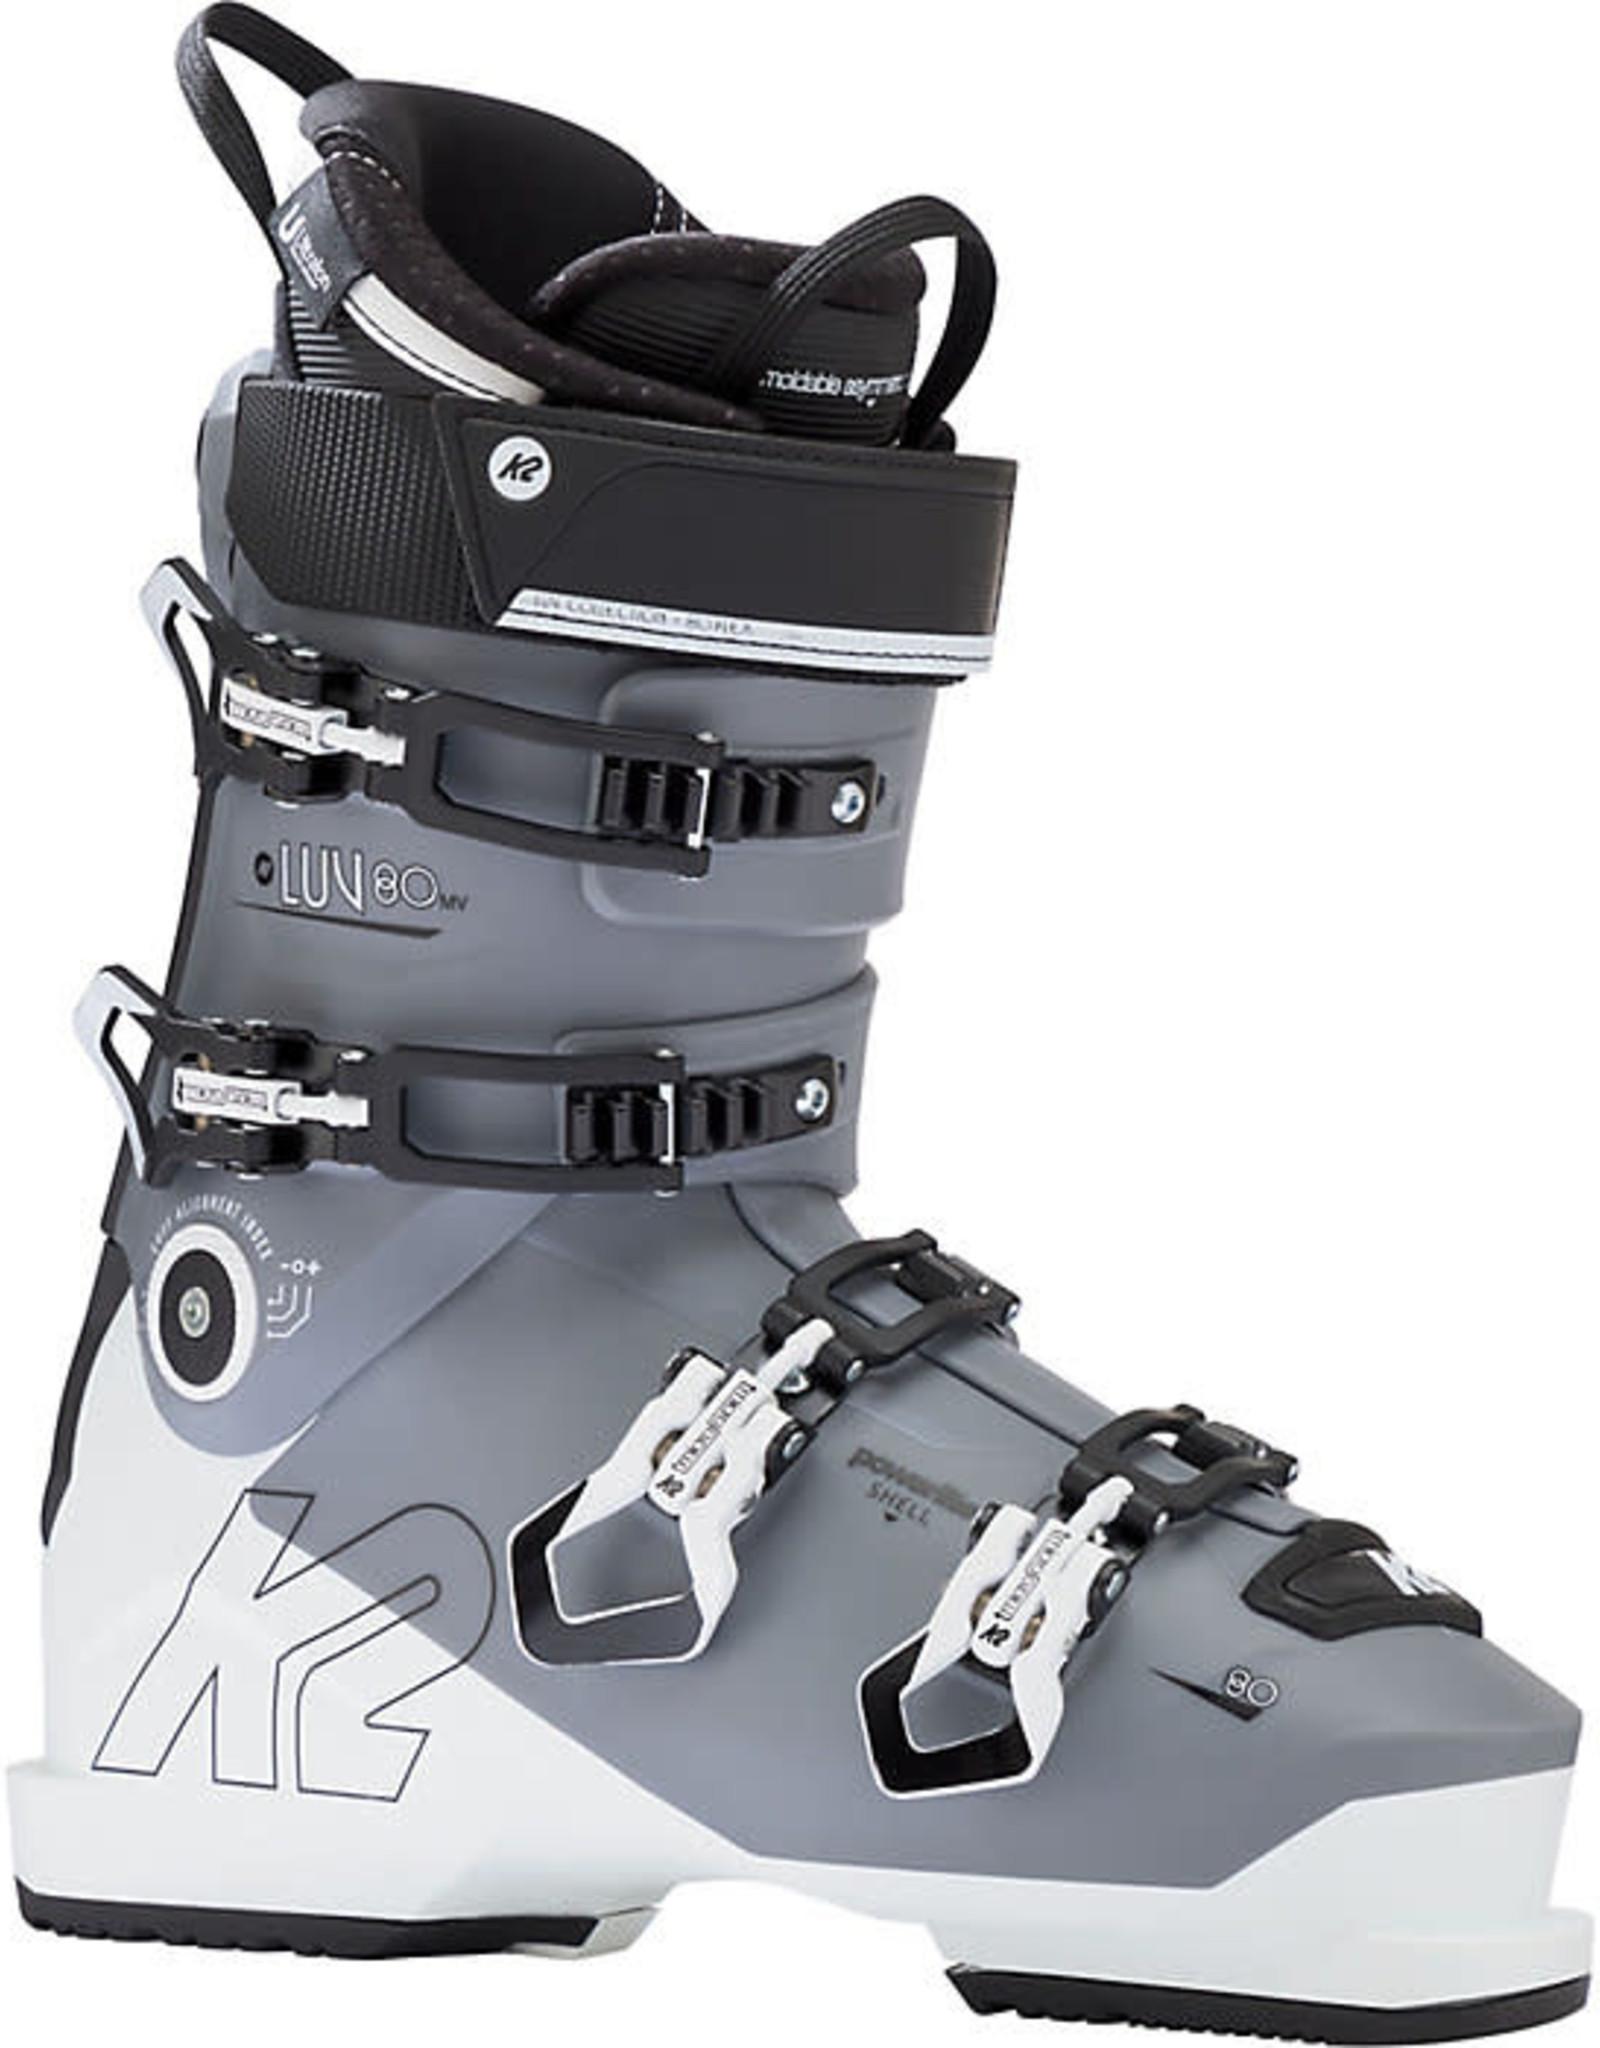 K2 K2 Ski Boots LUV 80 LV (18/19)